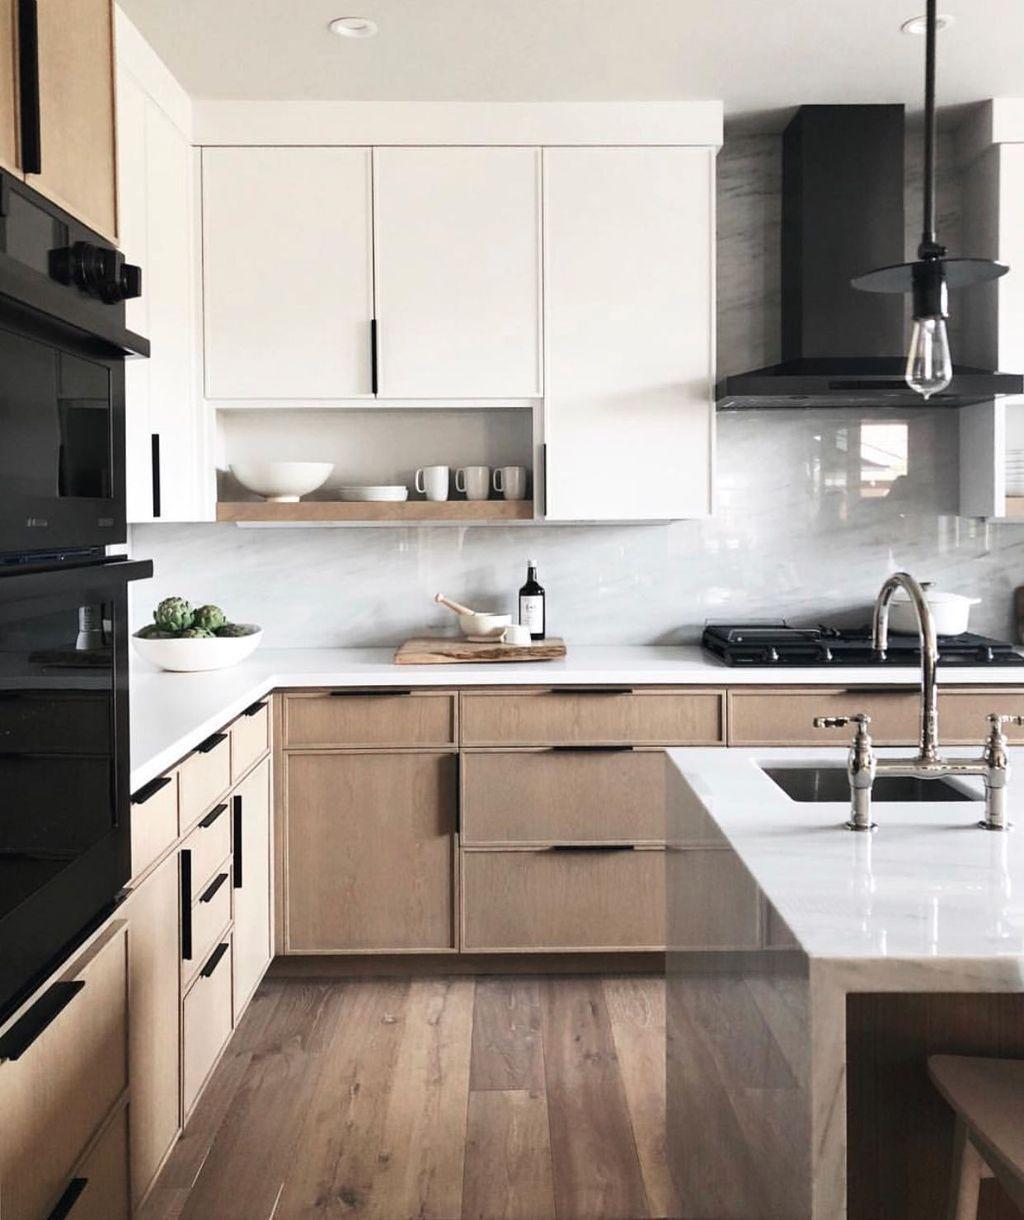 46 brilliant kitchen design ideas kitchen two tone kitchen rh pinterest com